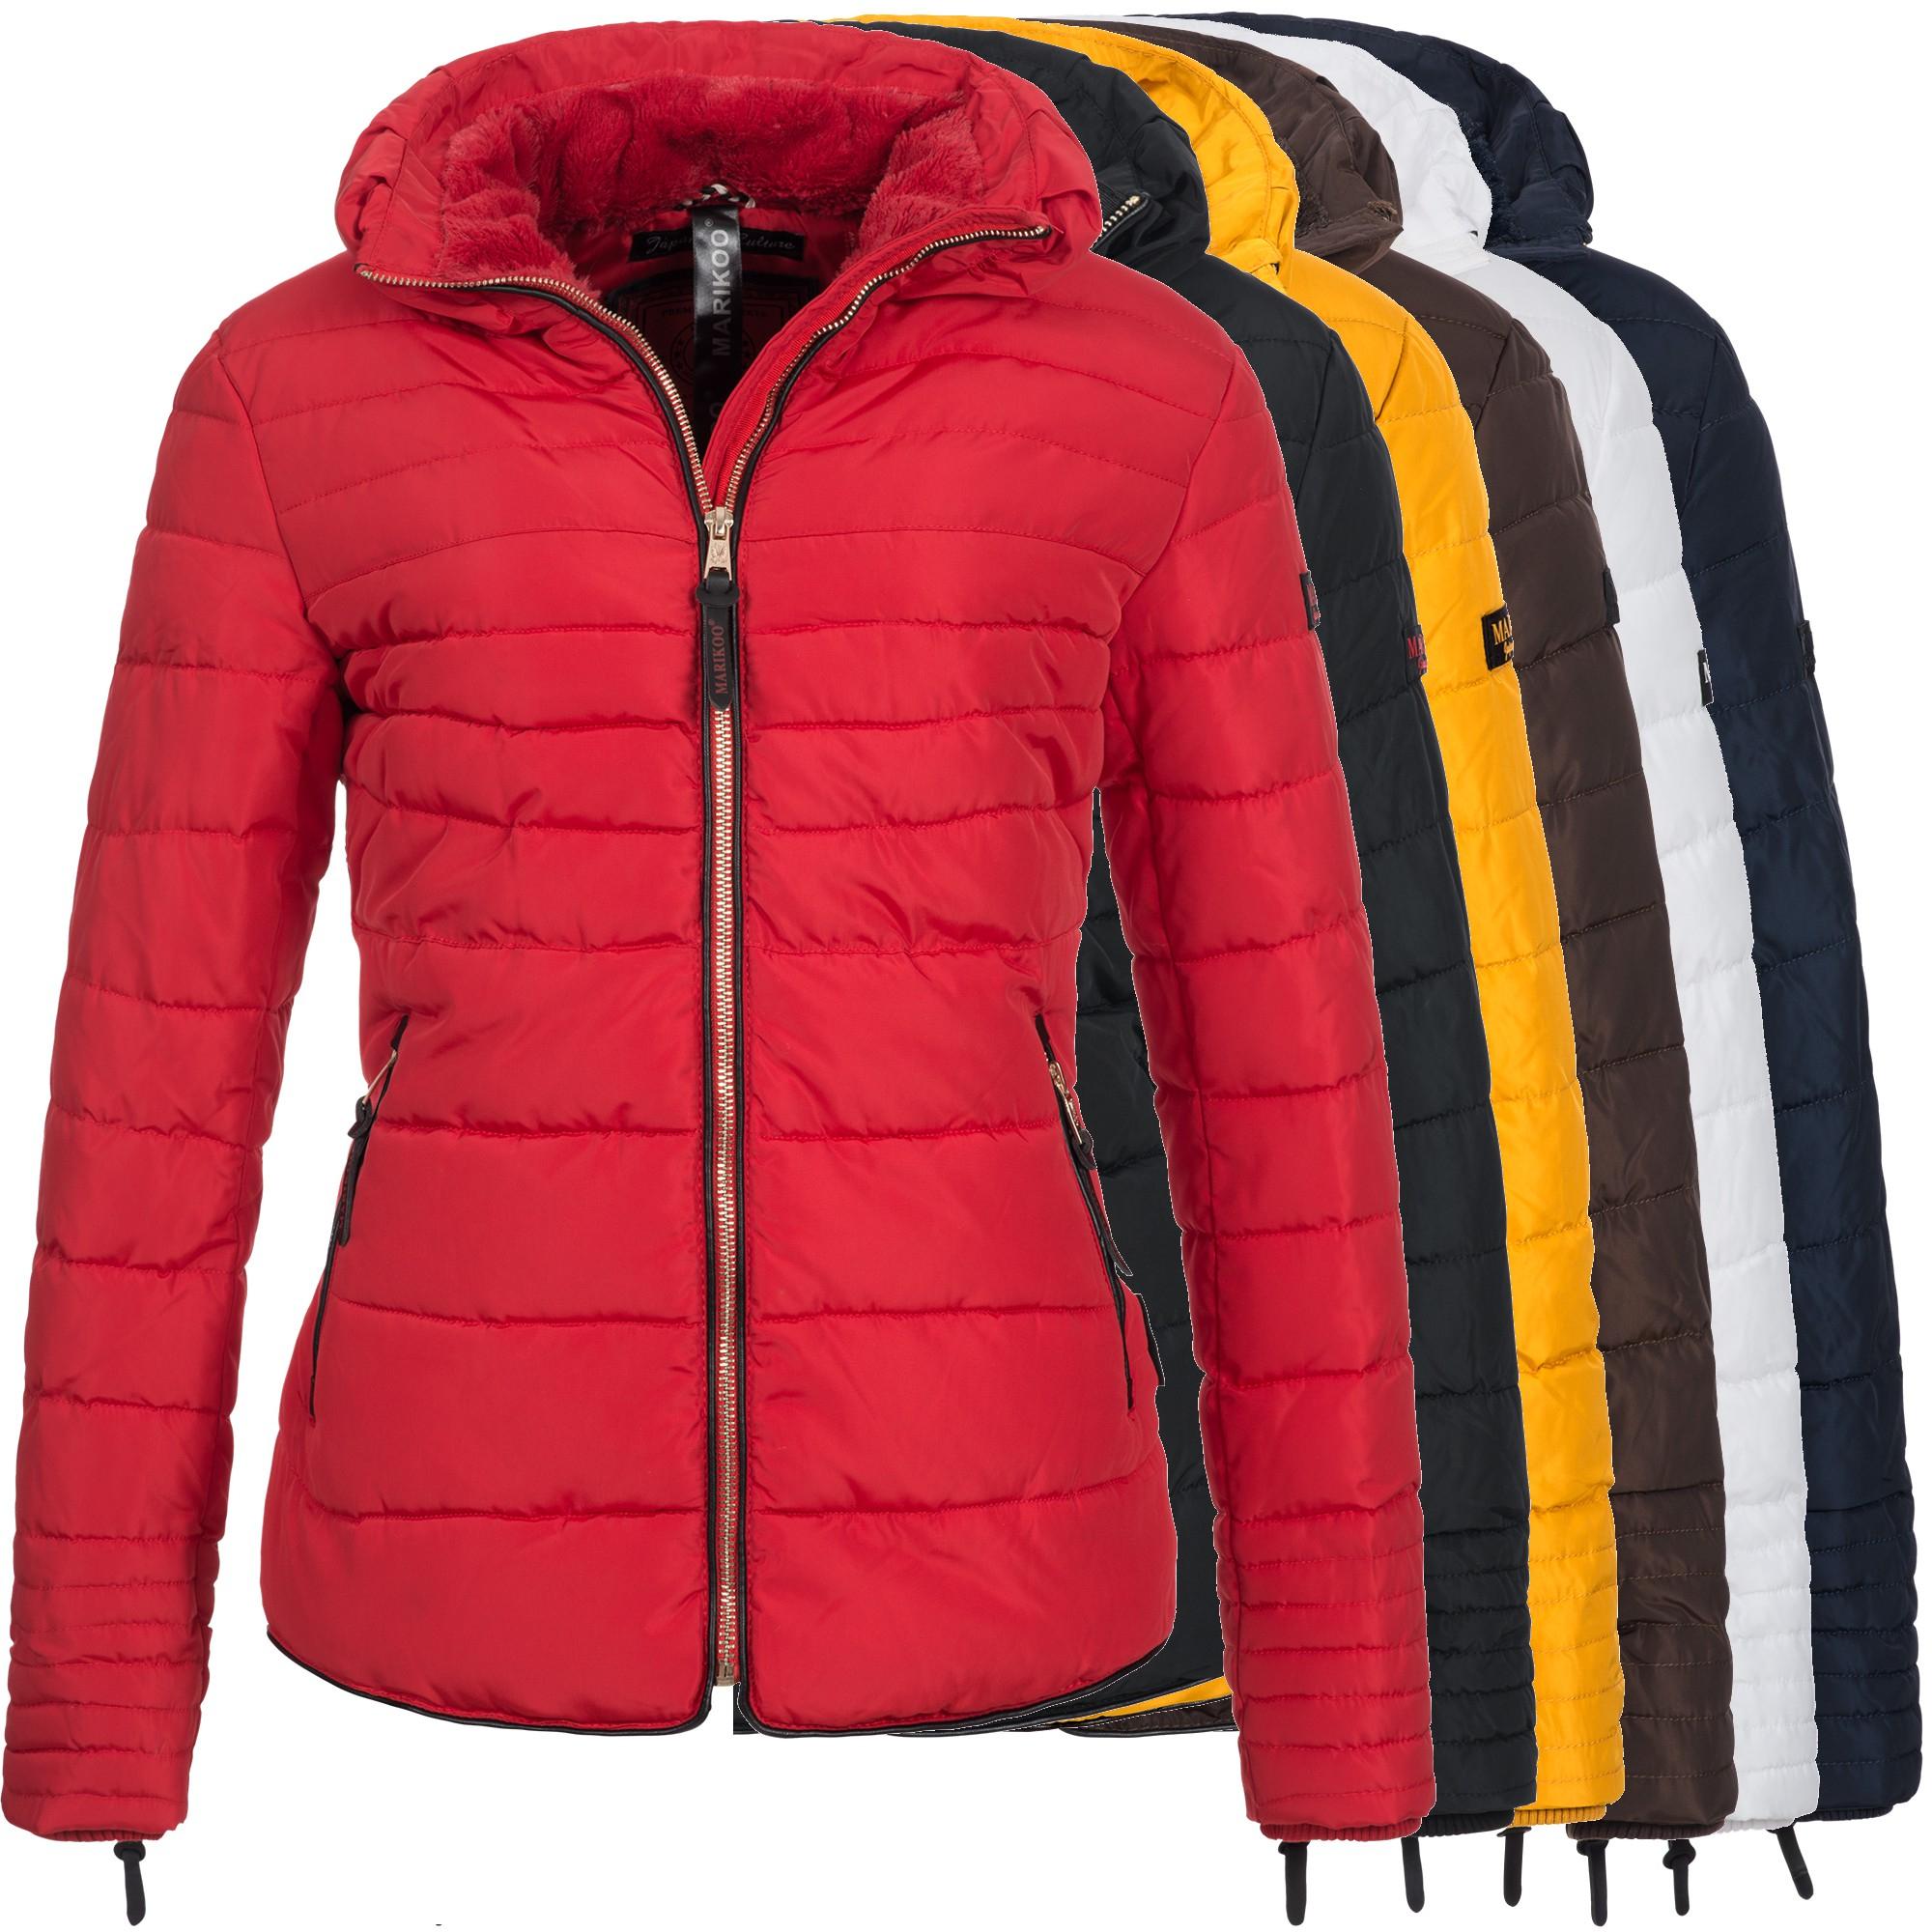 Ausnahme-Zustand - 10€ Rabatt auf Damen Winterjacke -> via Amazon